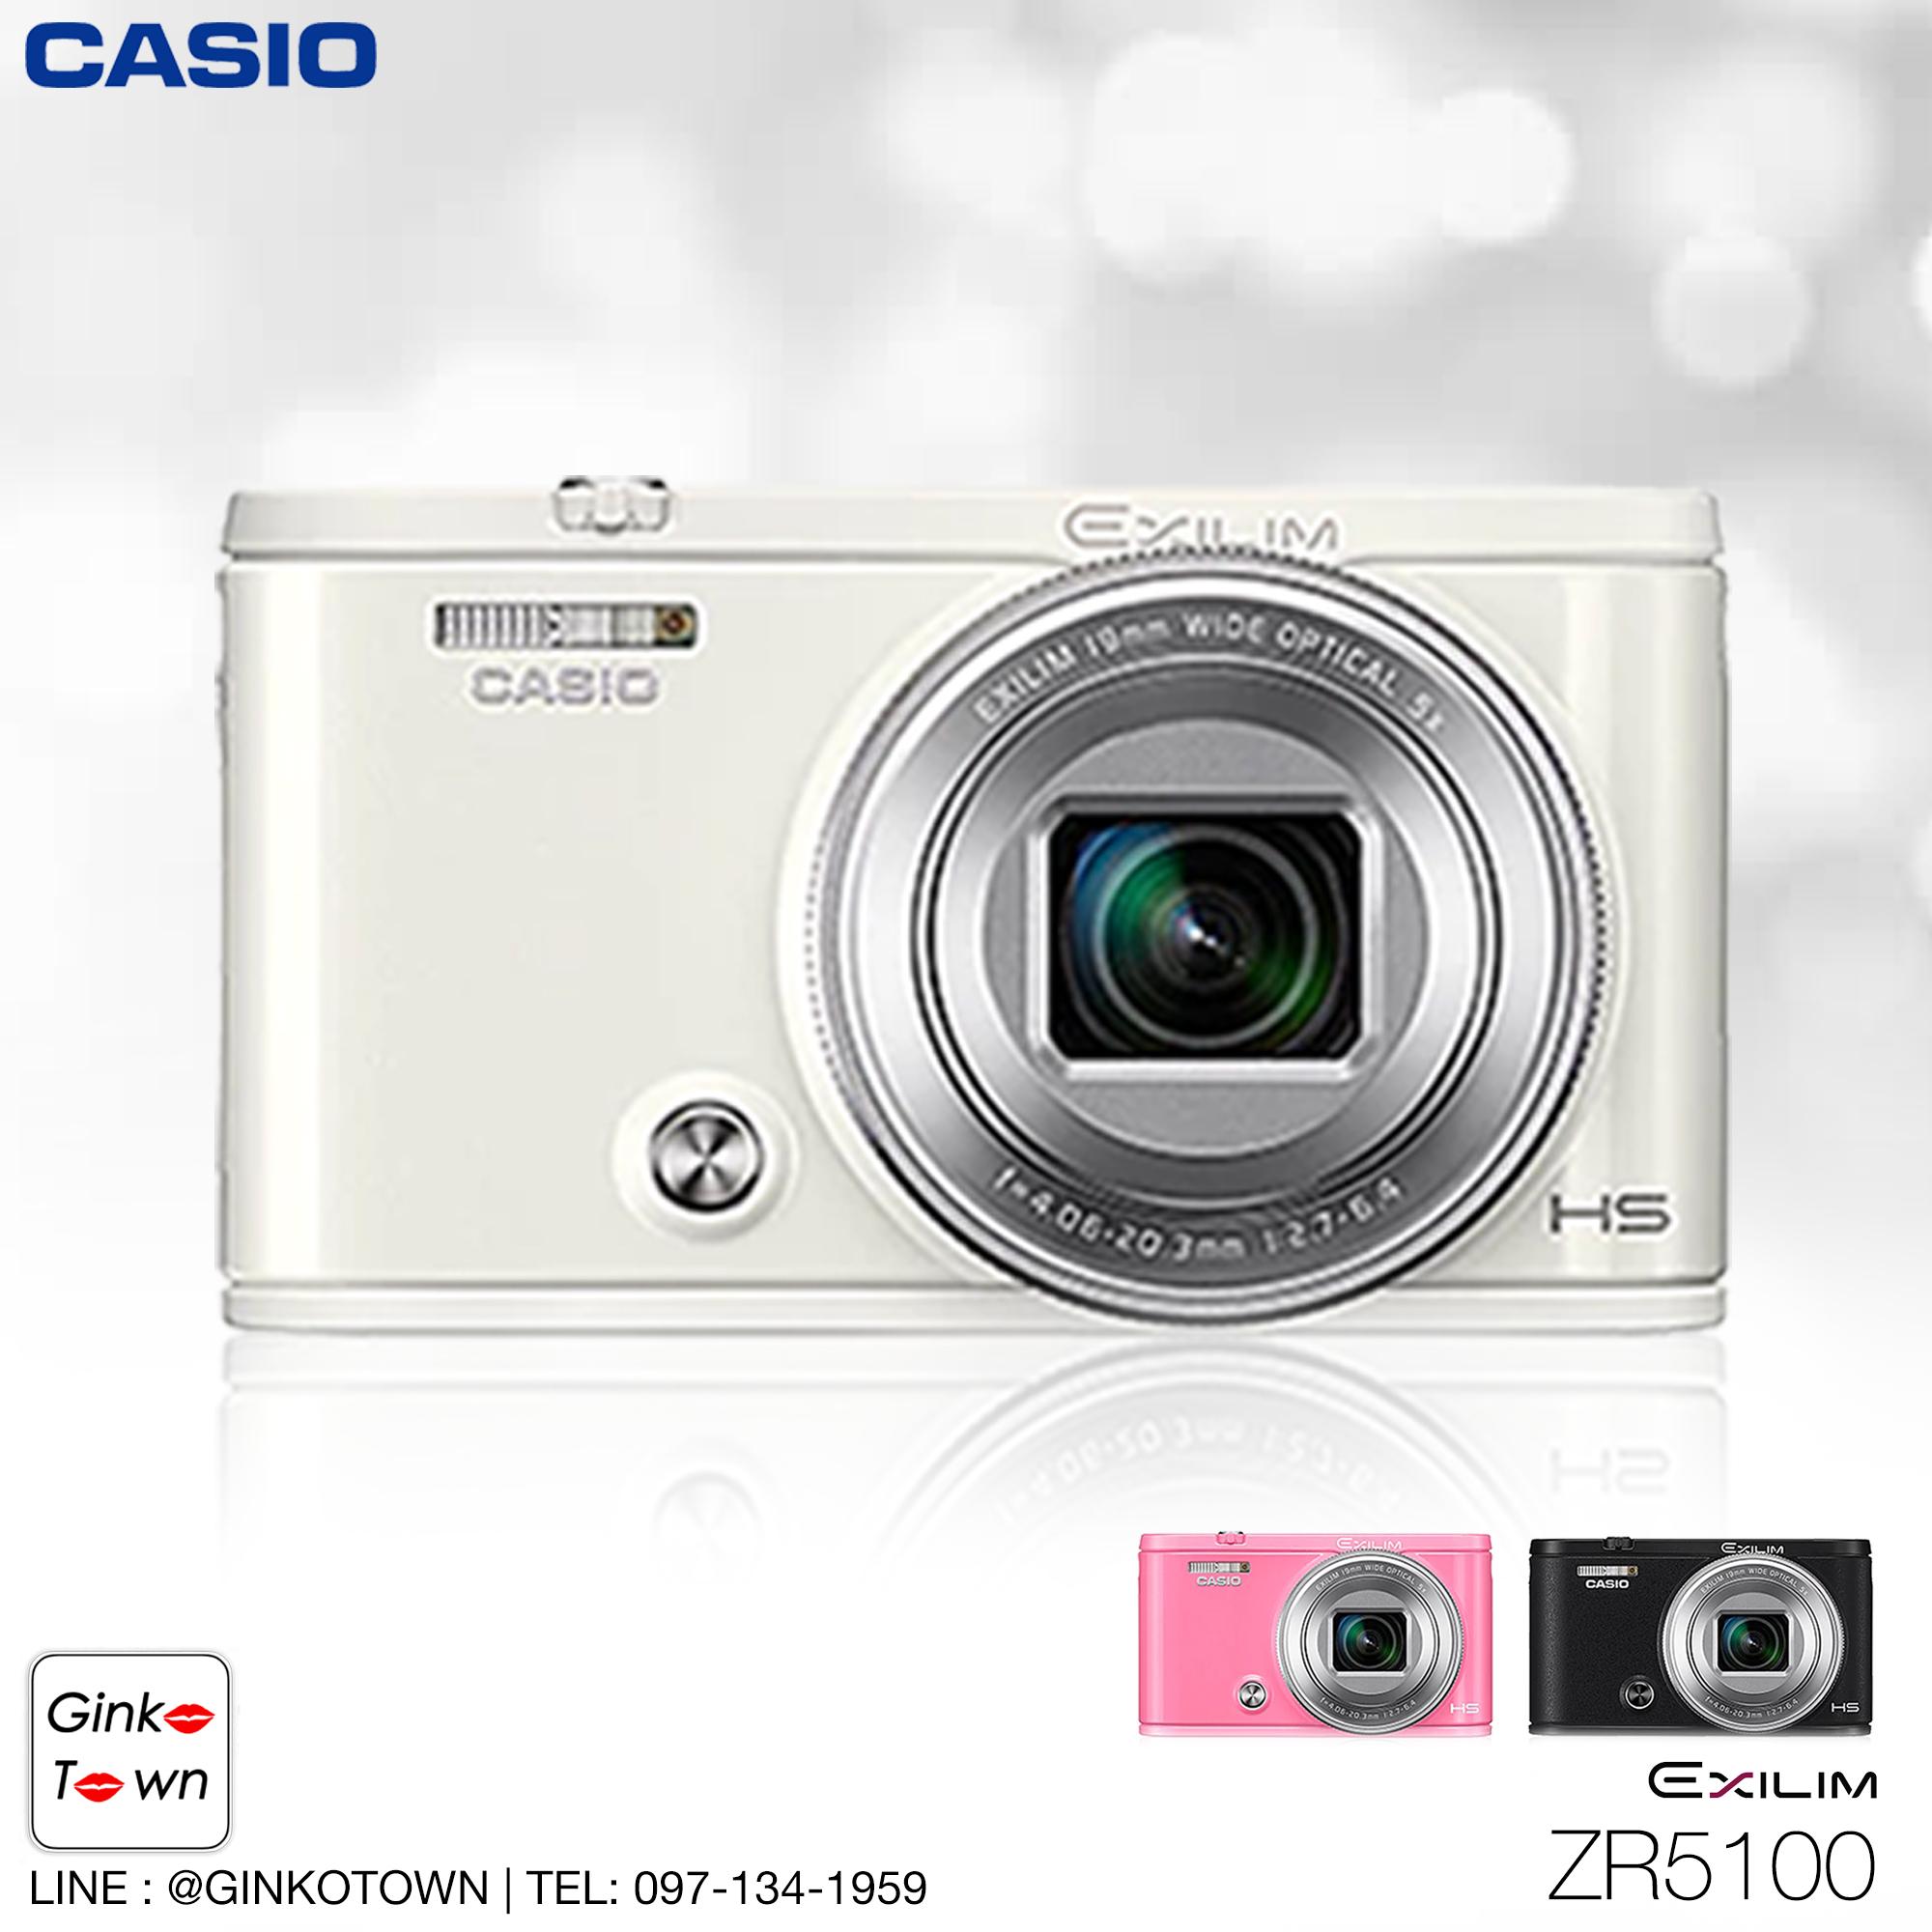 กล้อง casio zr5100 สีขาว